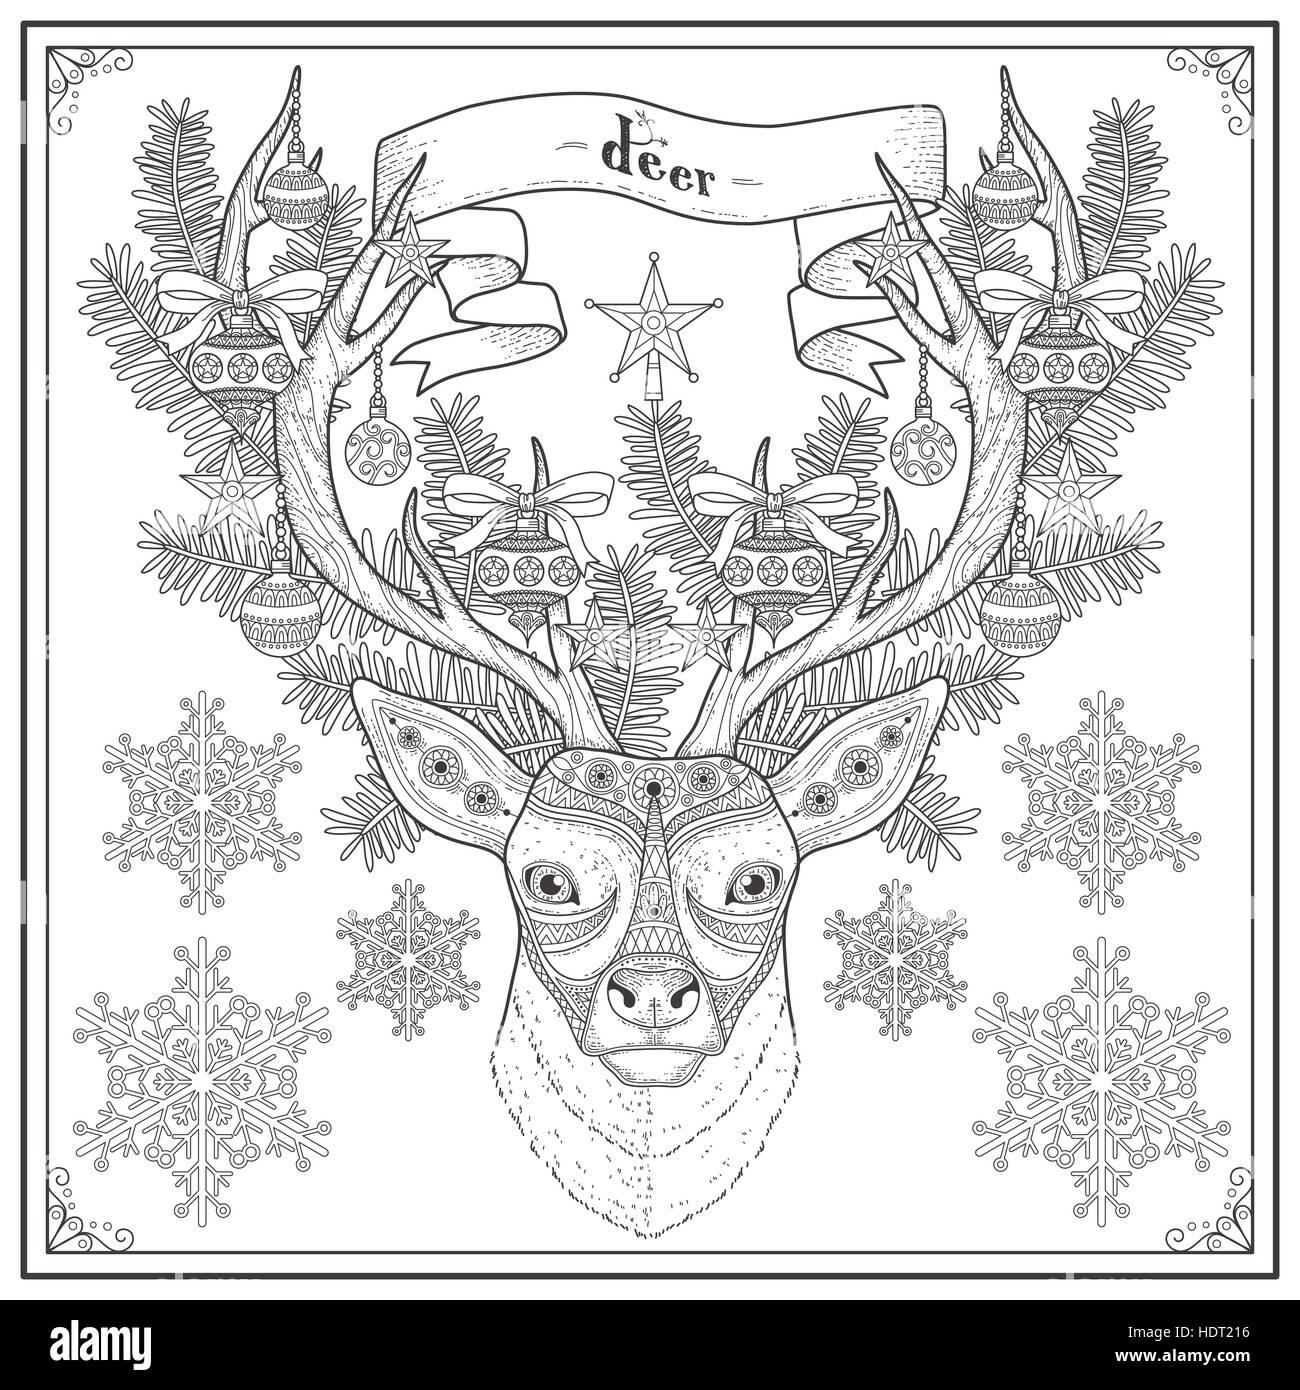 Anmutige Hirsch Malvorlagen Weihnachten stilgerecht Vektor